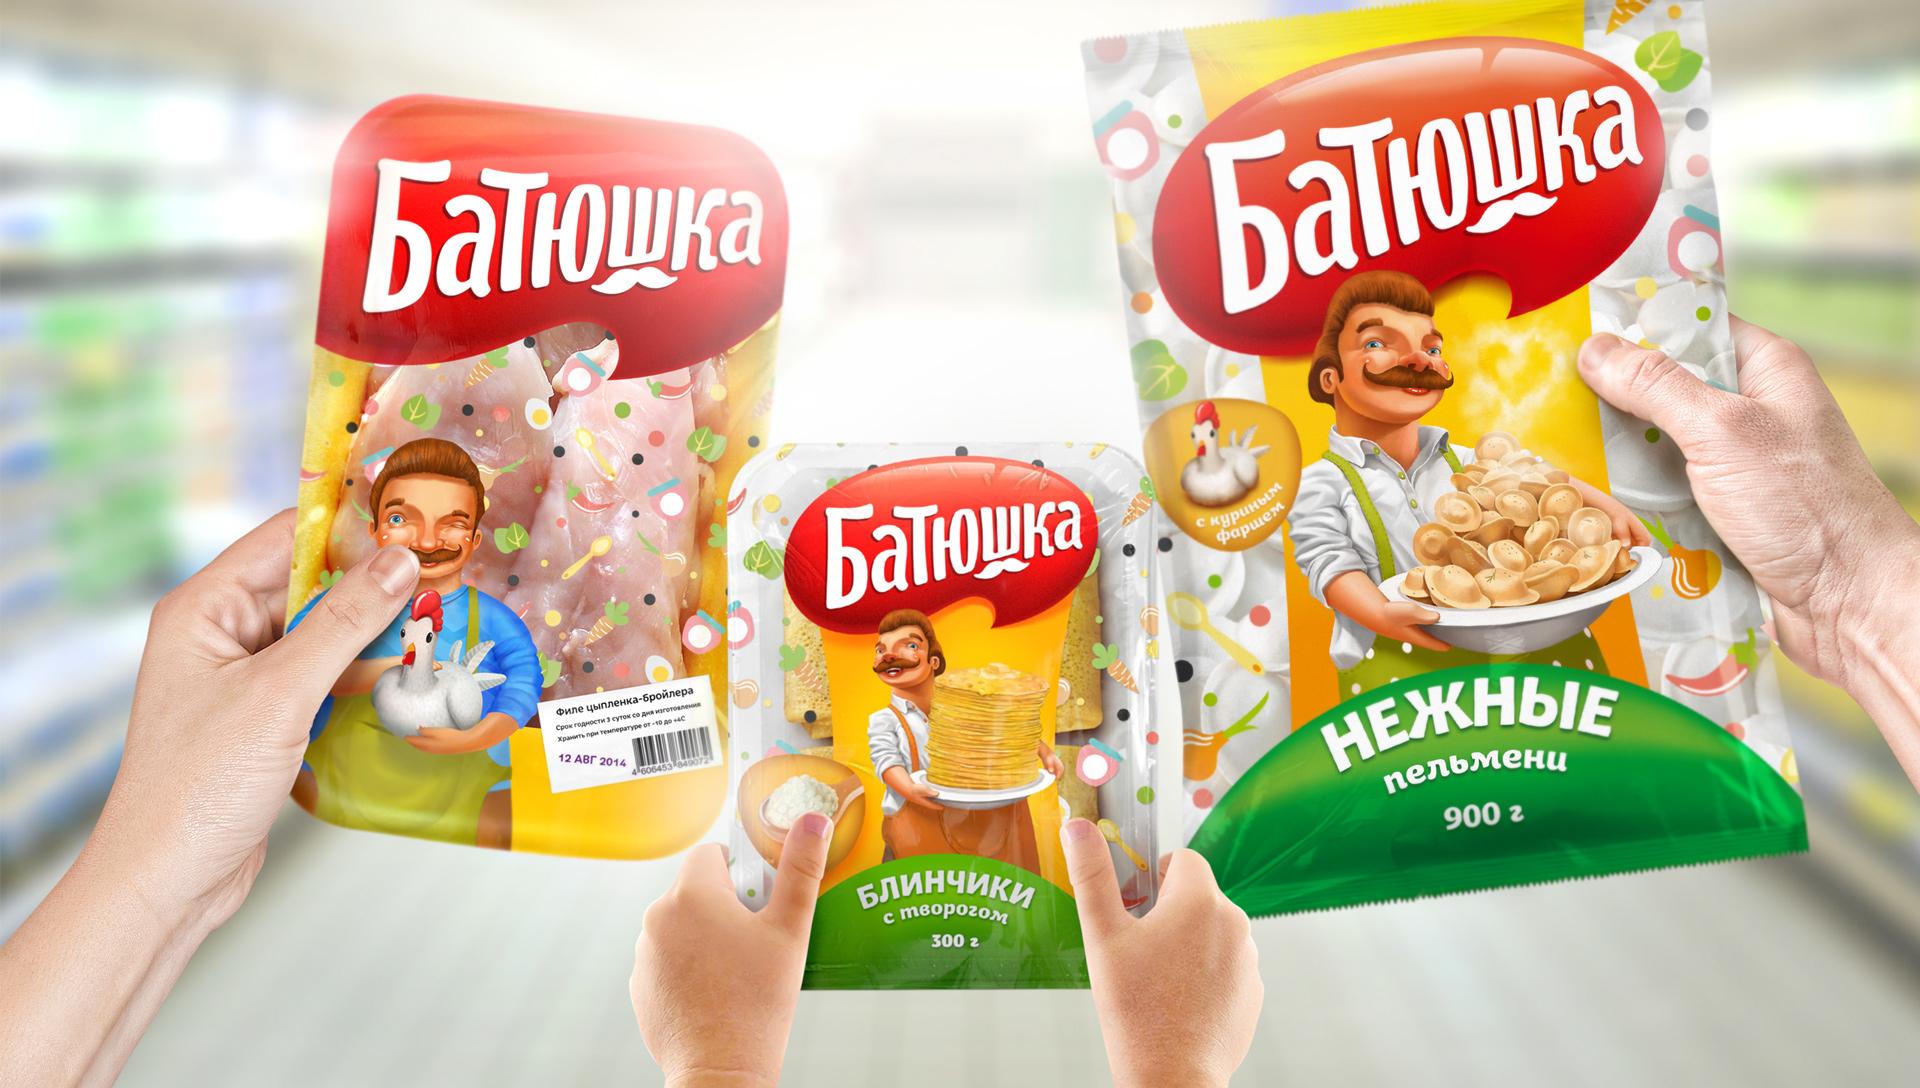 Дизайн упаковки для хлеба и батона фото f_1755cff741817409.jpg